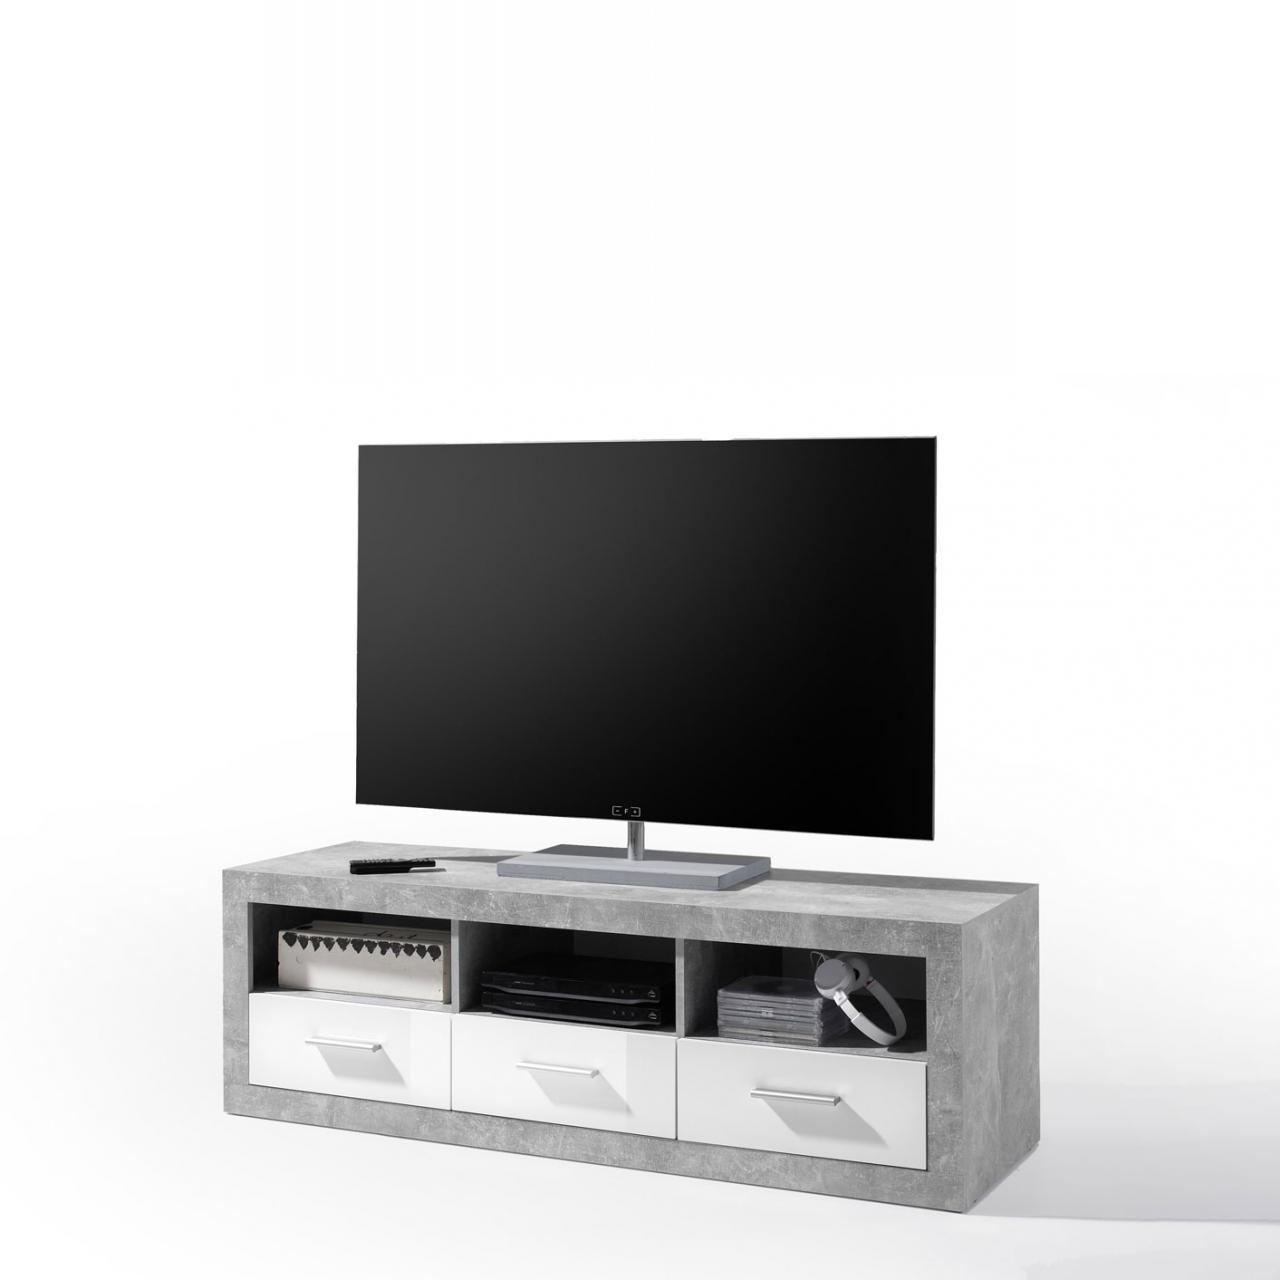 Lowboard Stone, Fernsehtisch, Fernsehschrank, Schrank, Beitisch, TV-Schrank,Weiß